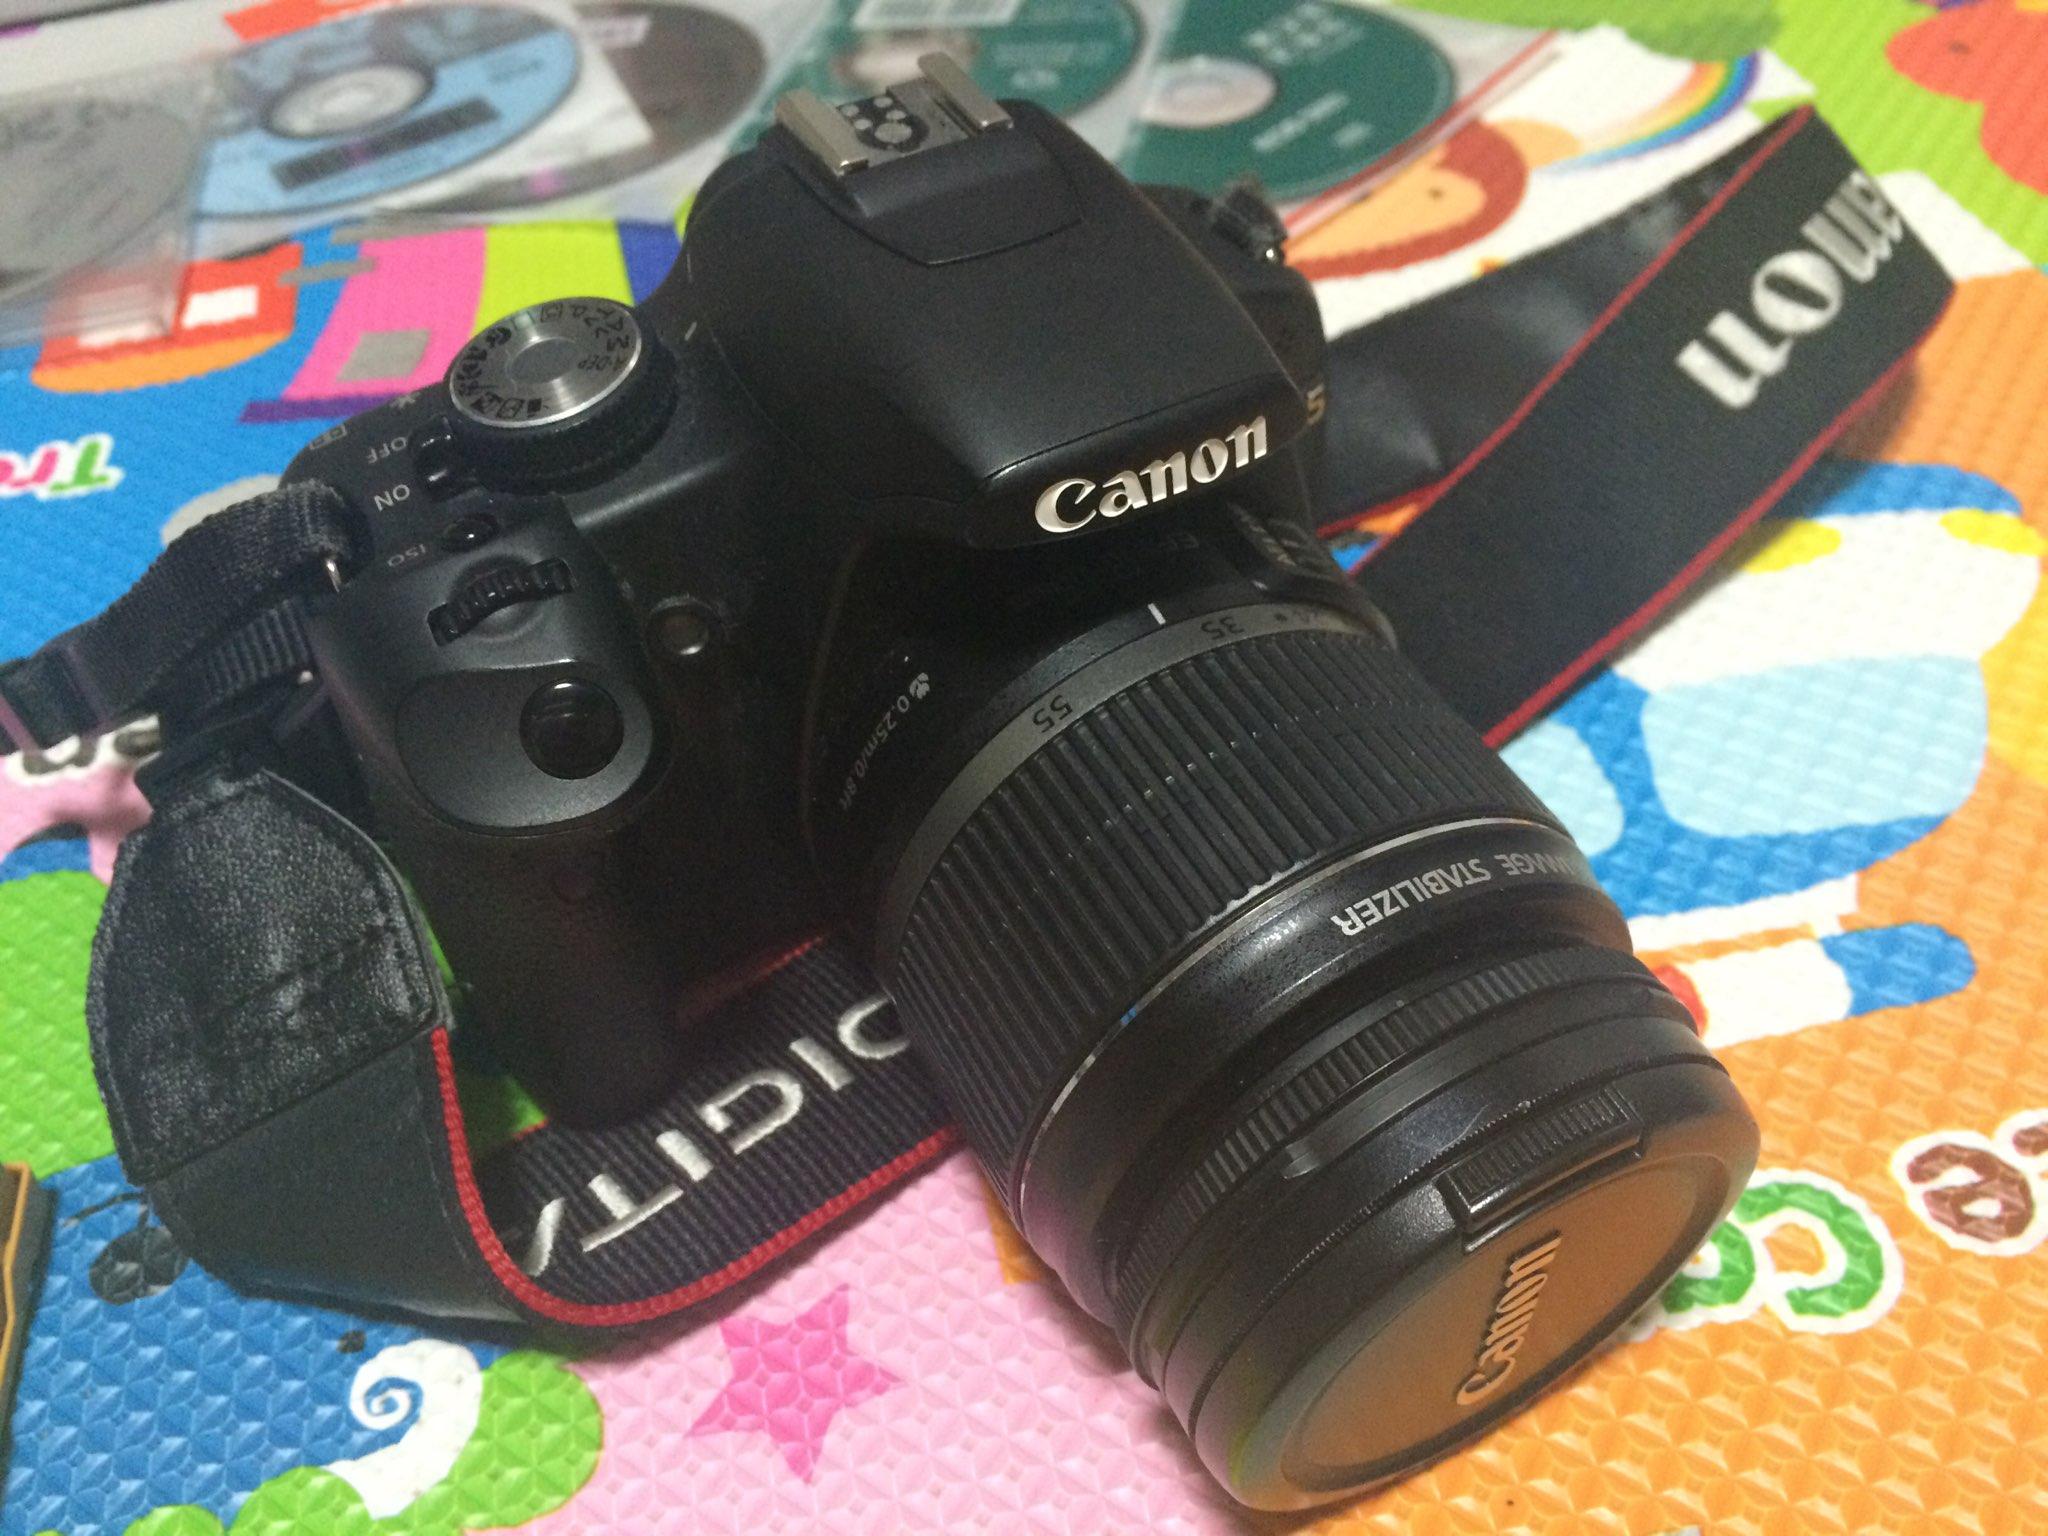 camera07.jpg